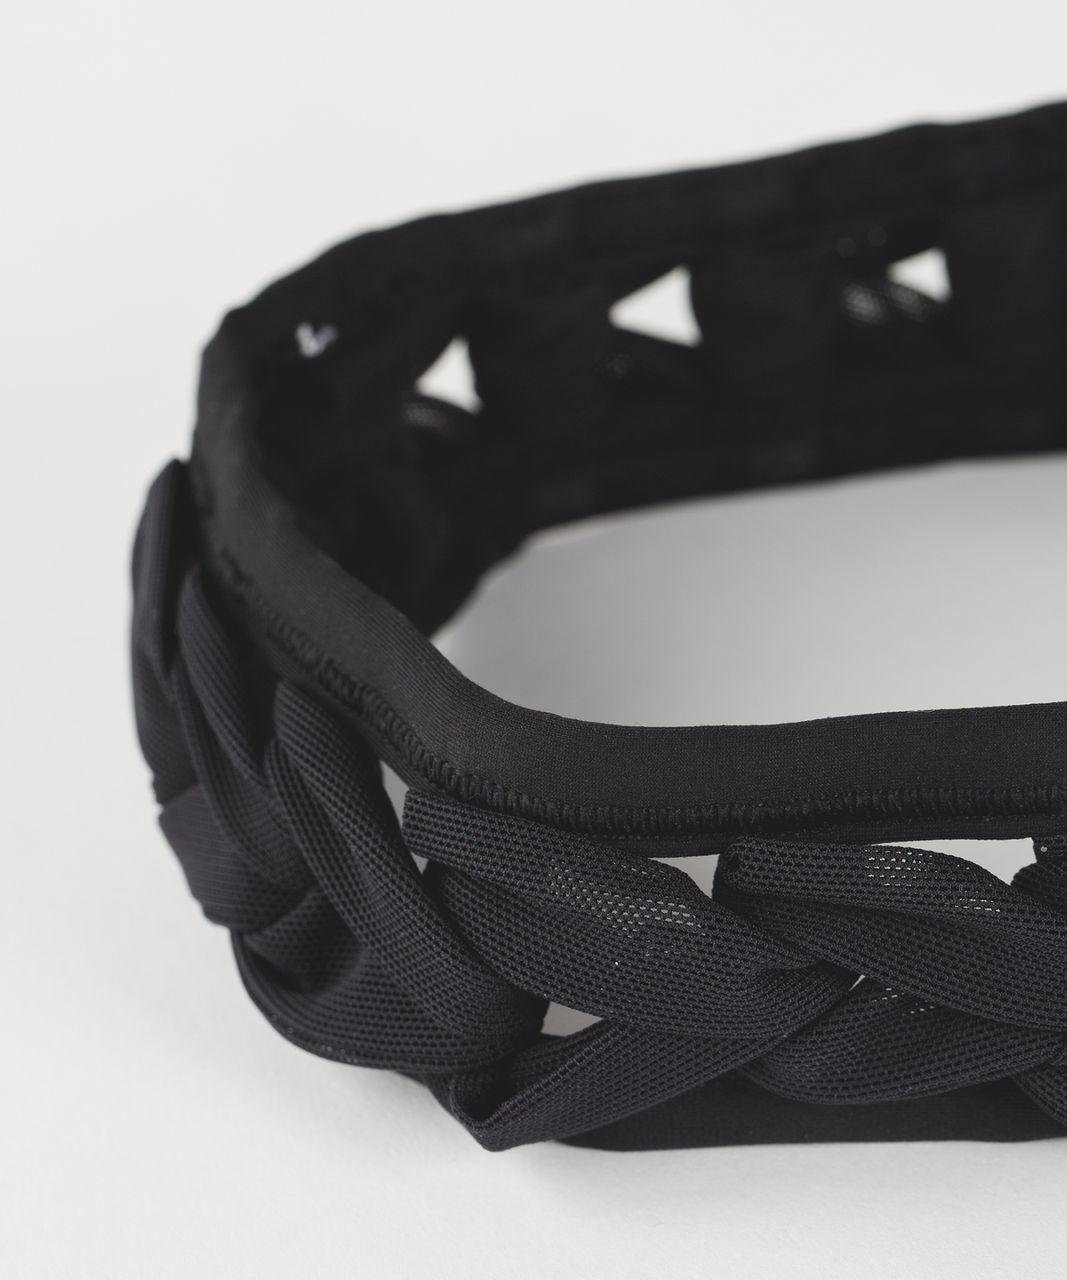 Lululemon Best Braid Headband - Black